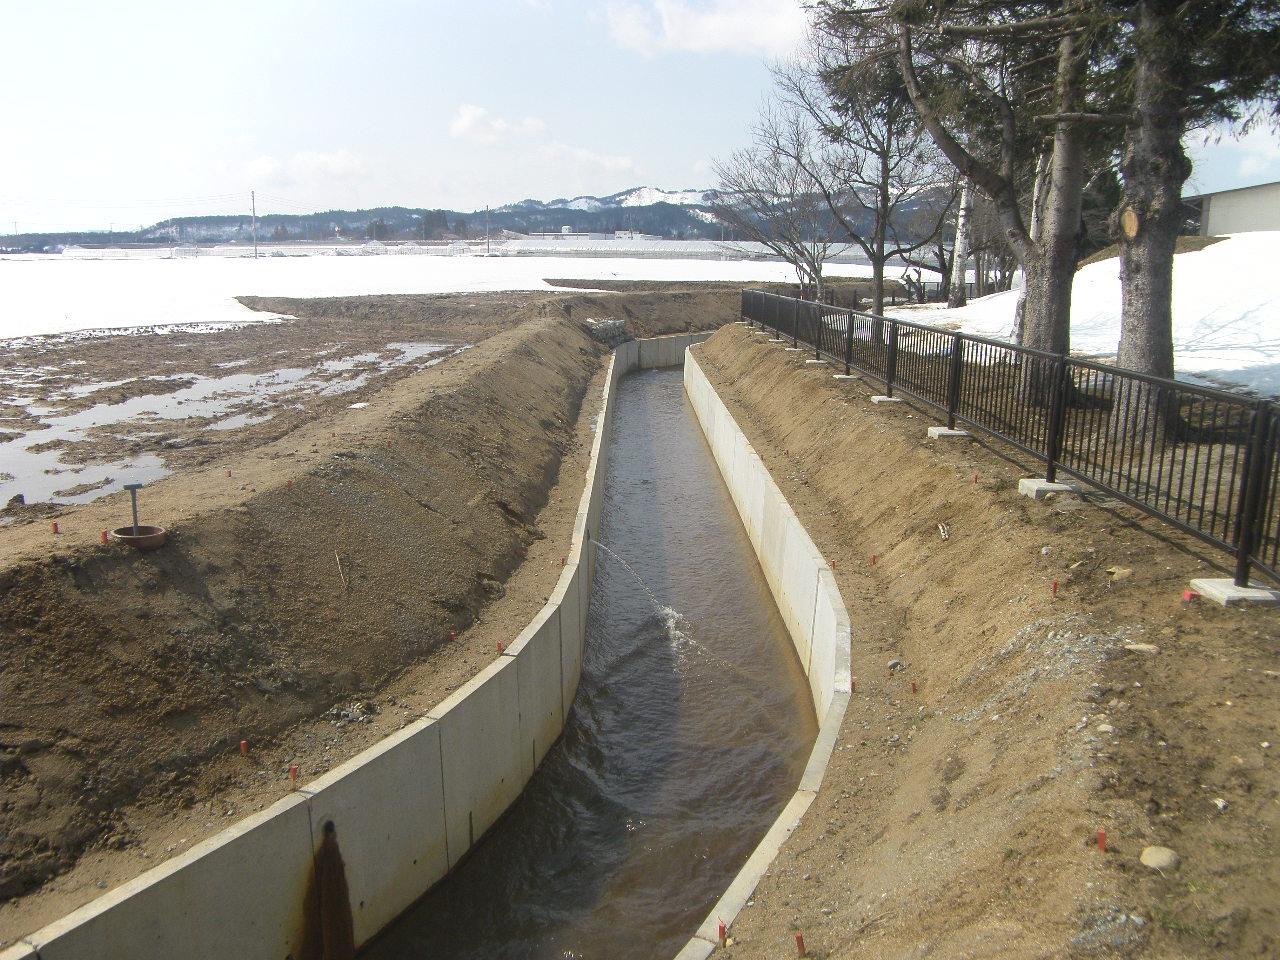 平成28年度 萩生地区農村地域防災減災事業(用排水施設整備)第1工区工事:画像